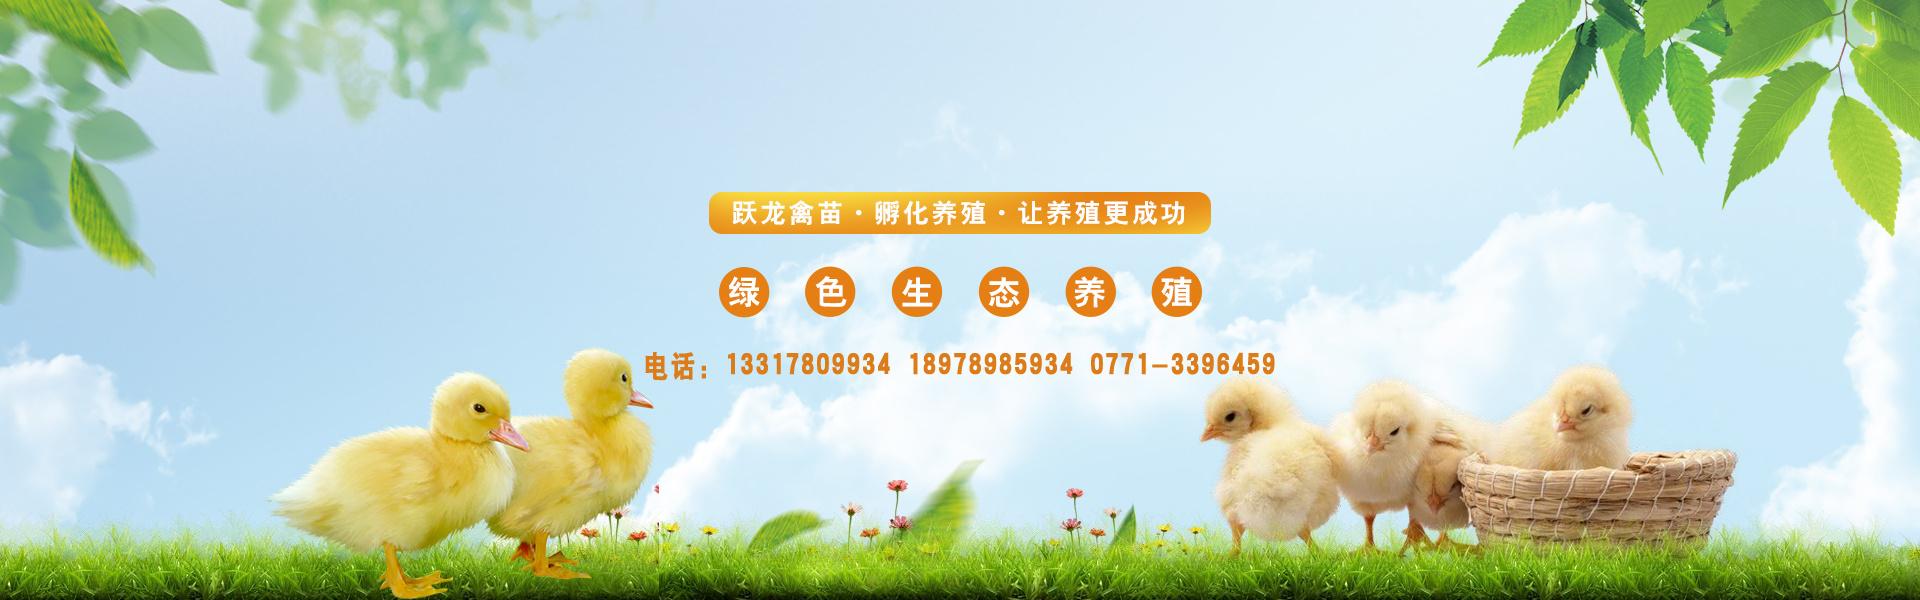 易胜博ysb88鸡鸭养殖技术-广西跃龙易胜博国际孵化有限公司基地